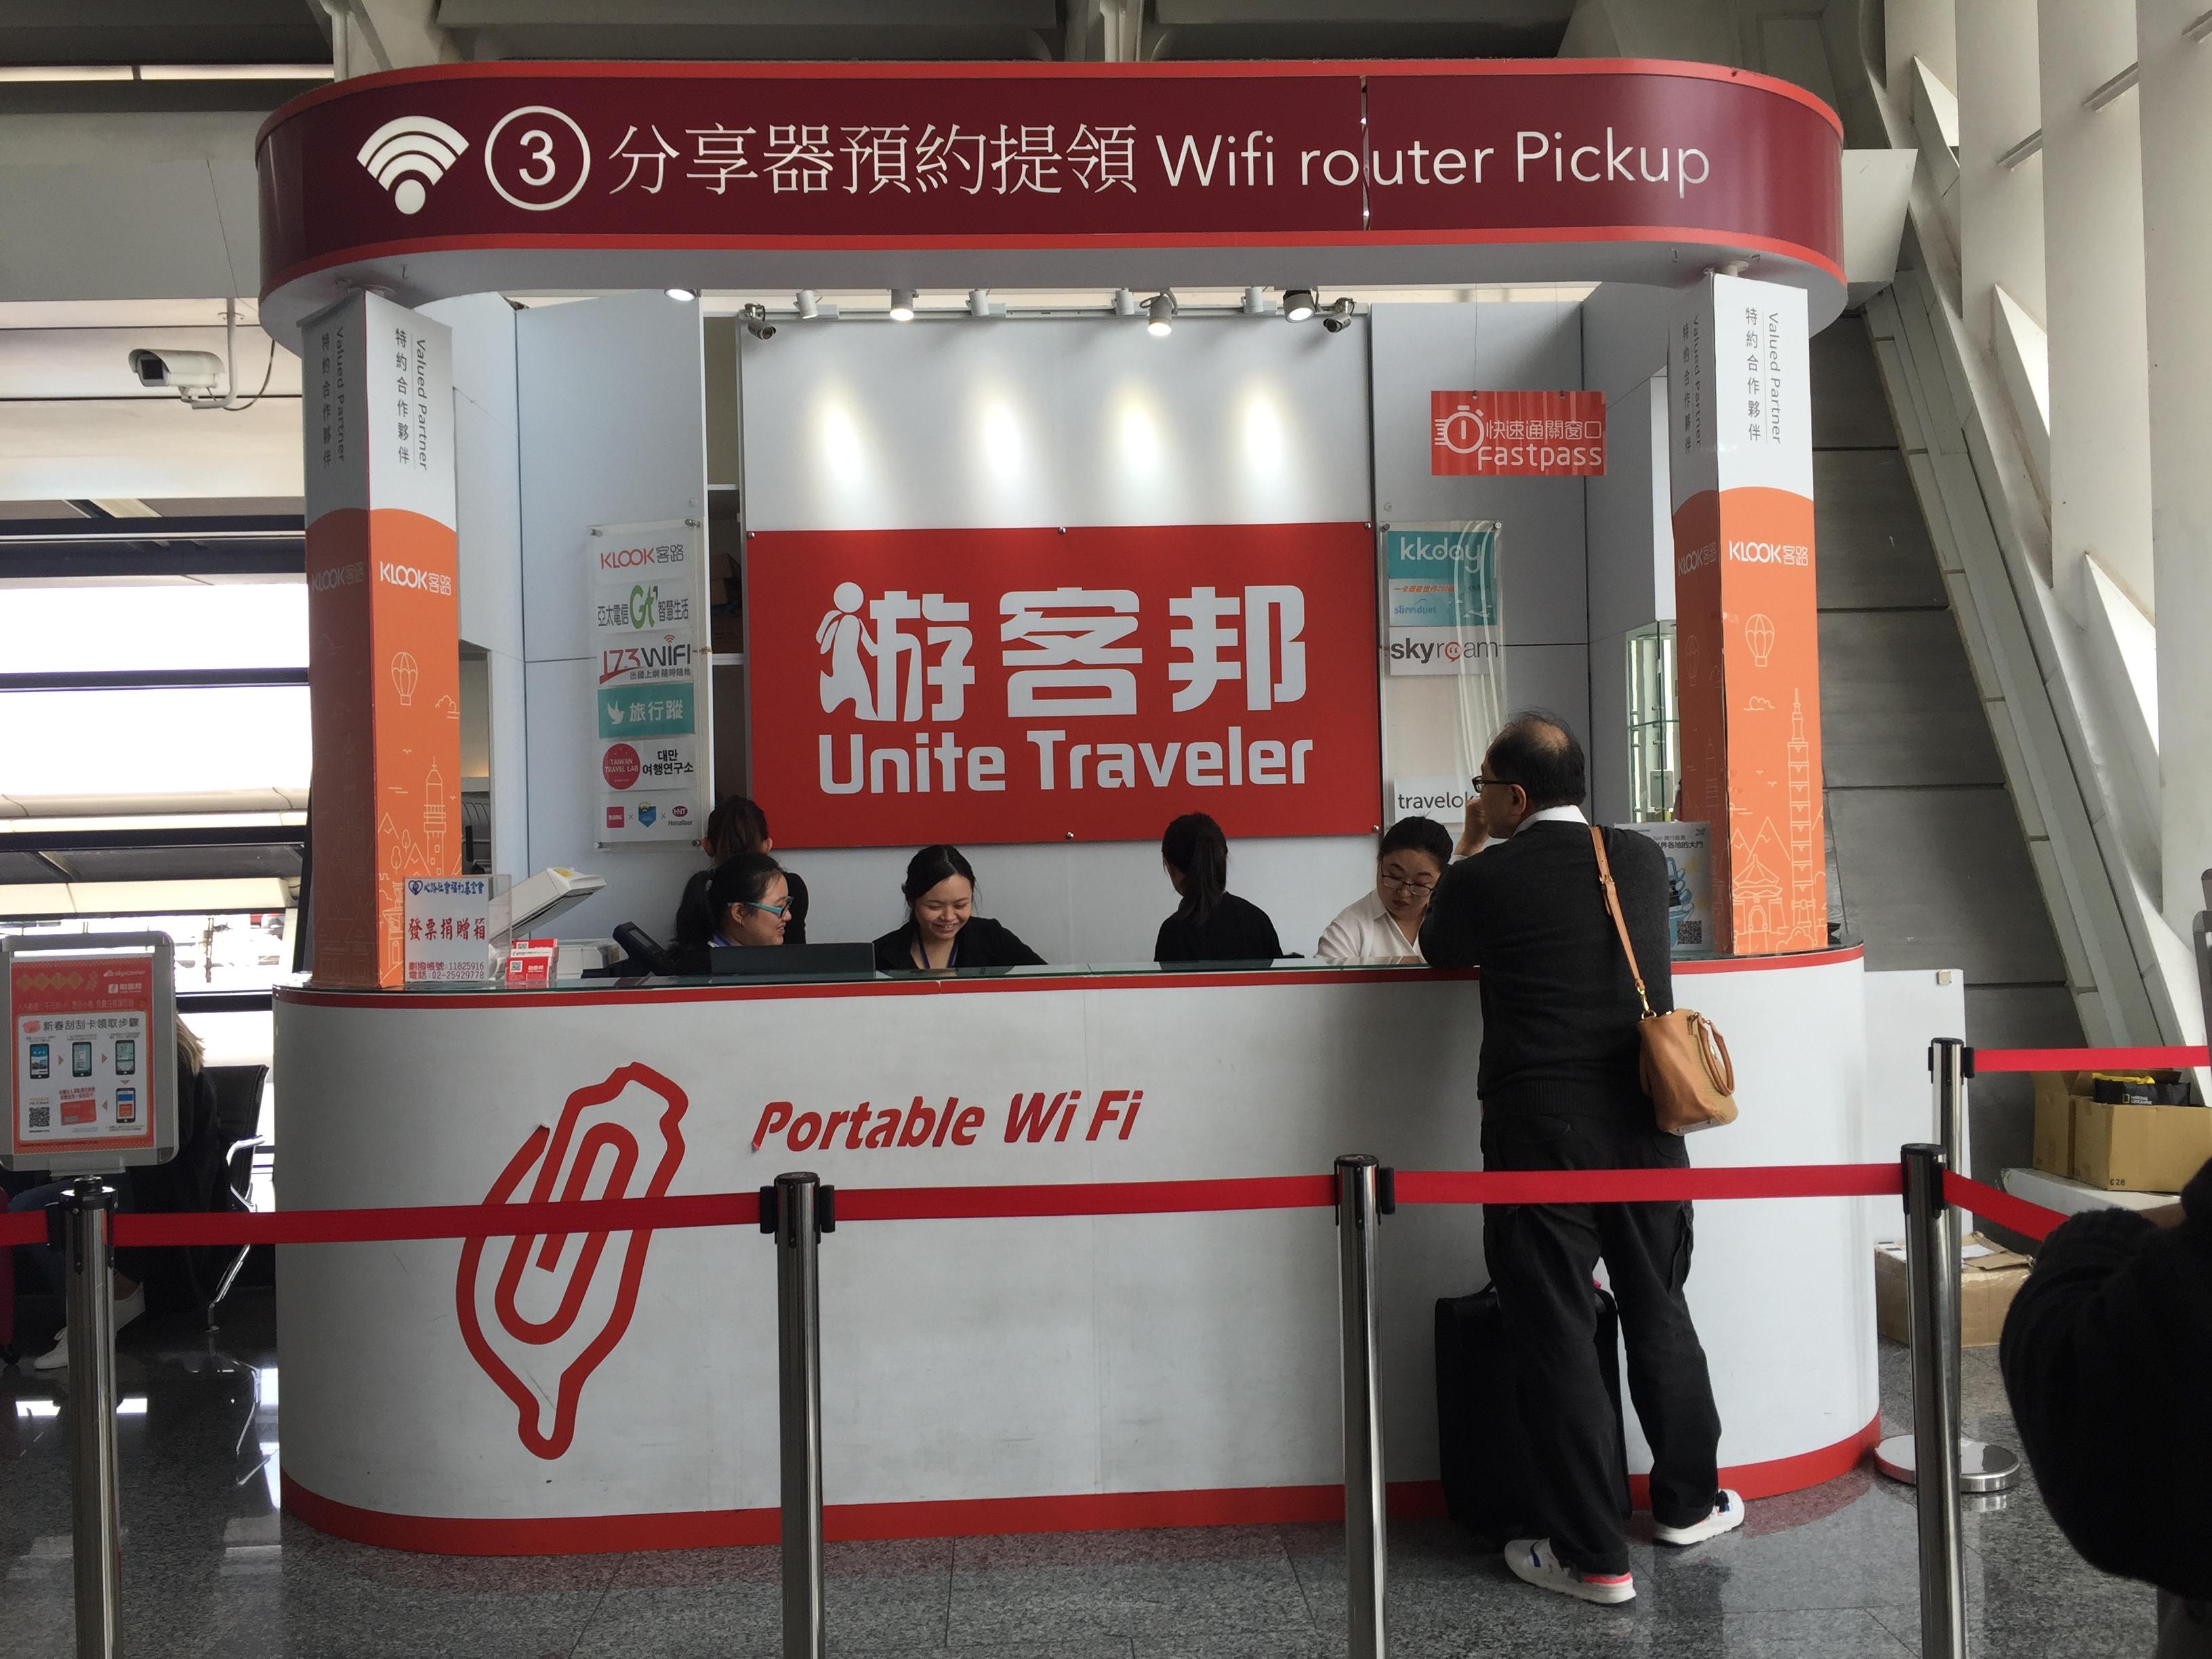 Unite-traveler-wifi-router-pickup-taoyuan-airport-terminal-1